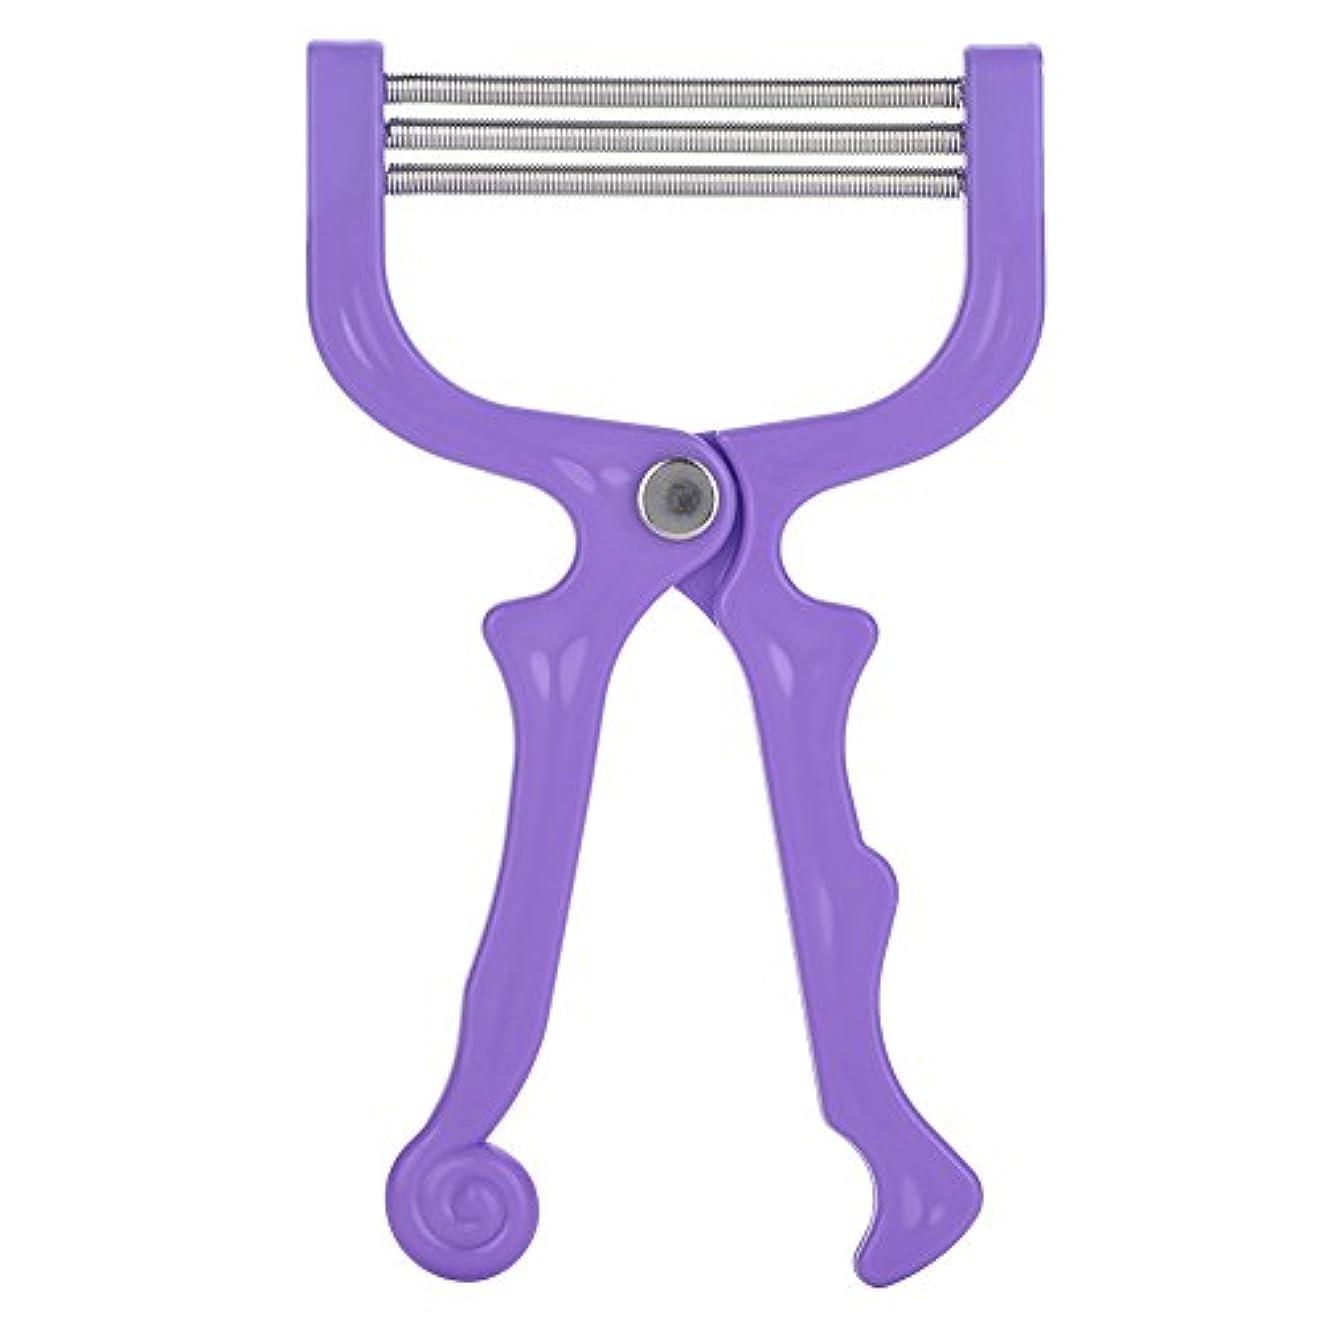 錆び計算可能強制SoarUp 除毛 脱毛装置 ポータブル脱毛 痛くない除毛ケア 顔用 口 持ち運び安い(パープル)